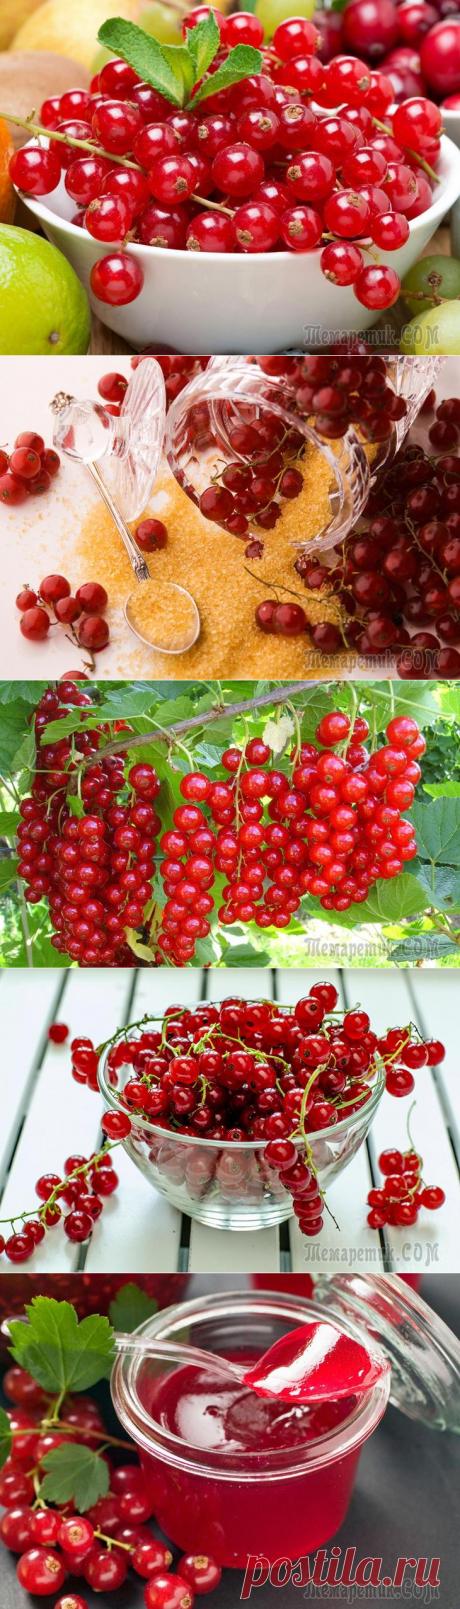 Красная смородина – польза, вред и противопоказания